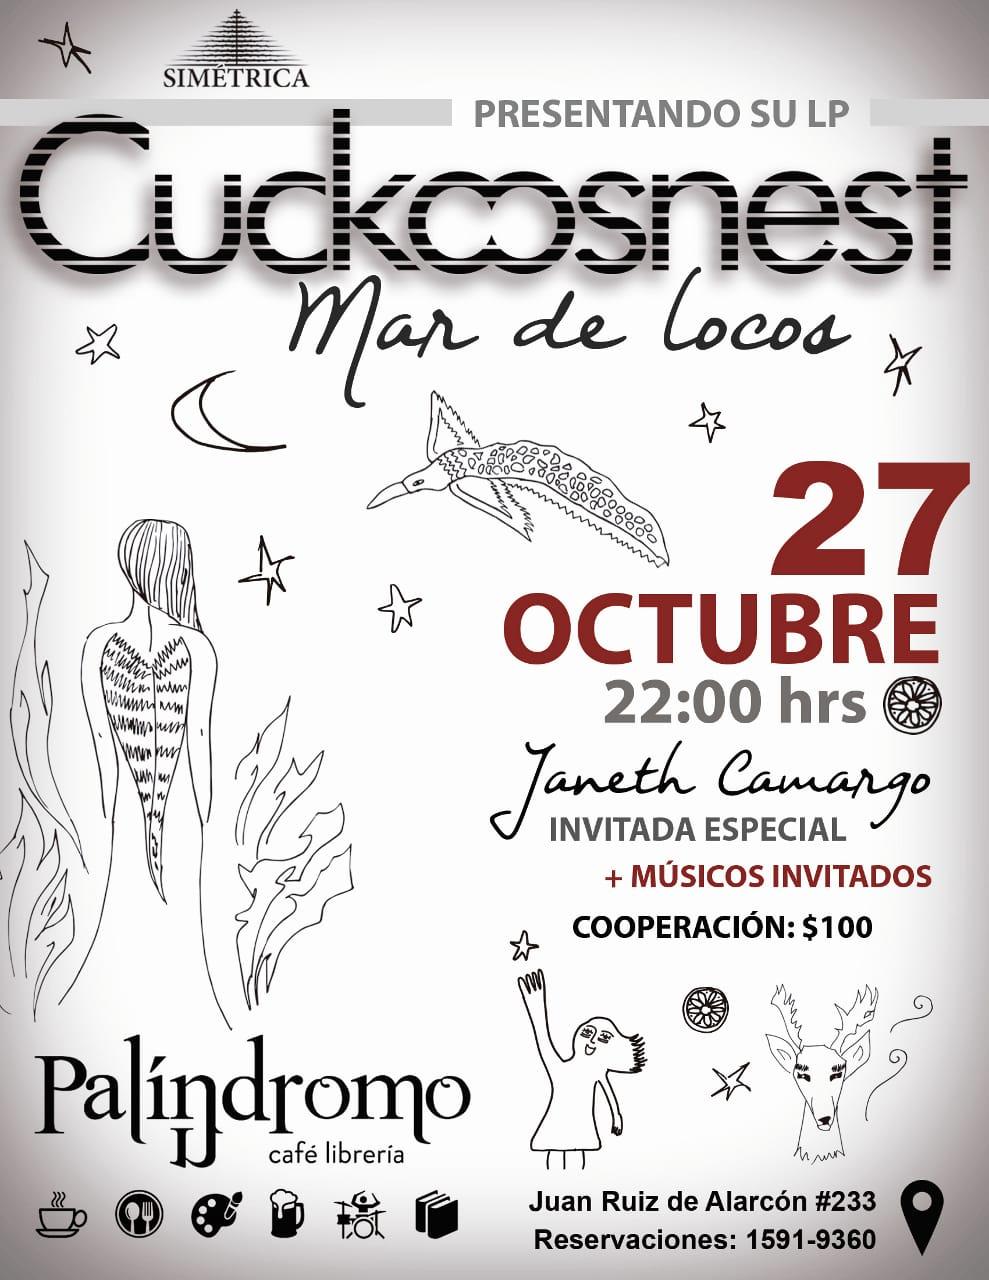 CUCKCOOSNEST  INVITADA ESPECIAL JANET CAMARGO +MÚSICOS INVITADOS